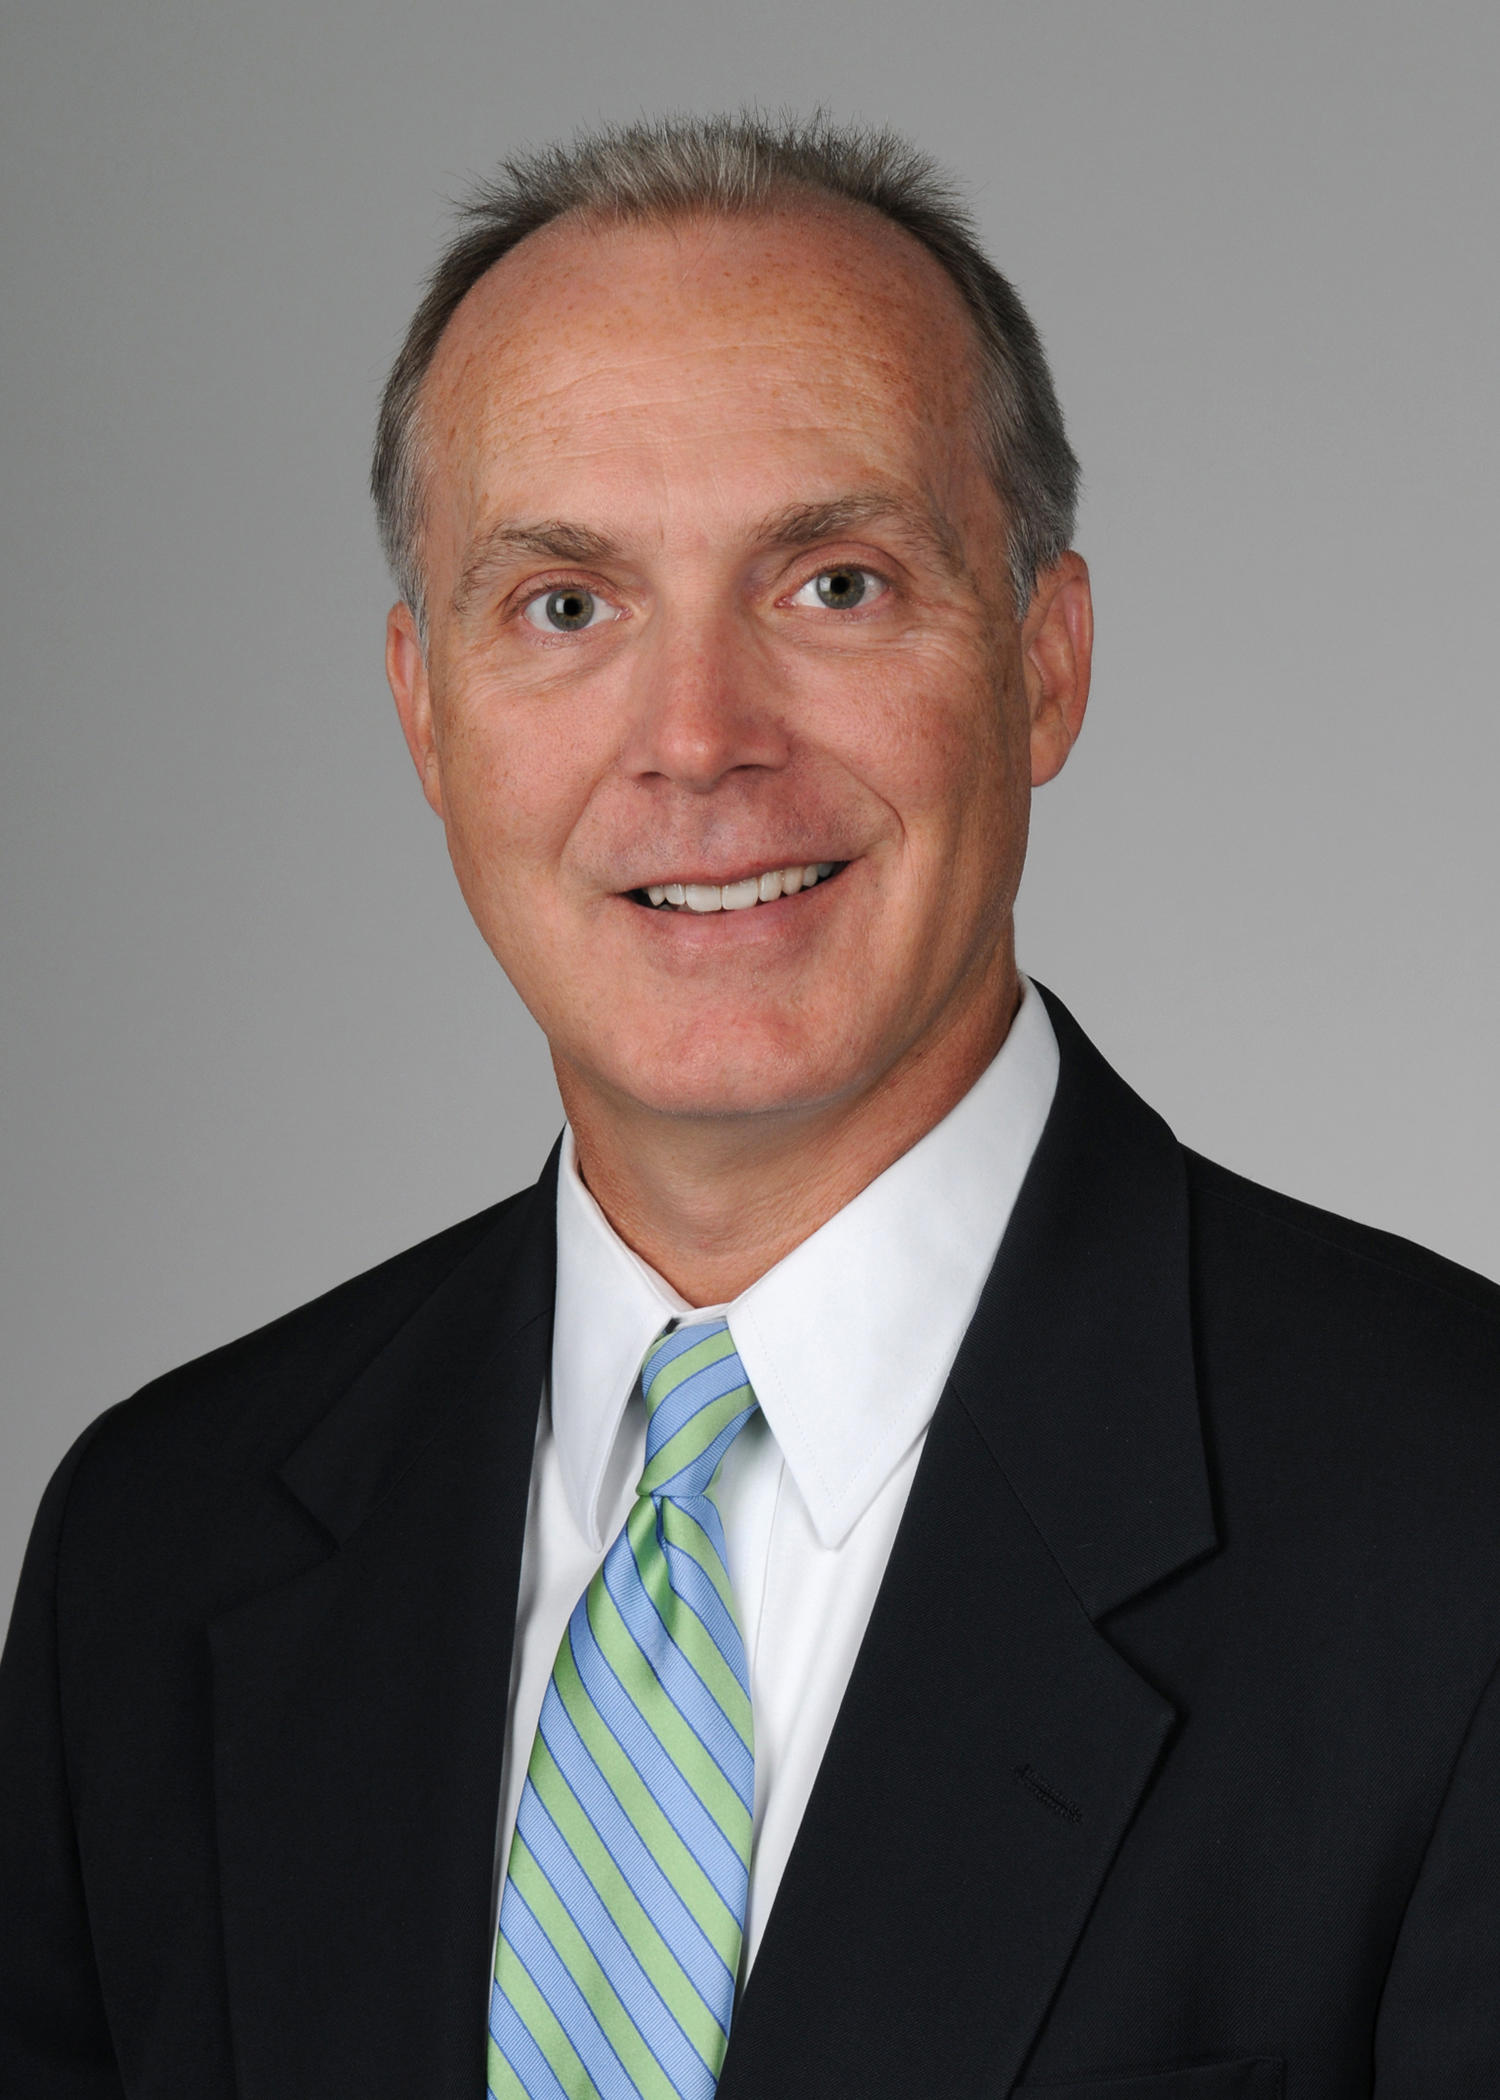 William T Basco, Jr MD